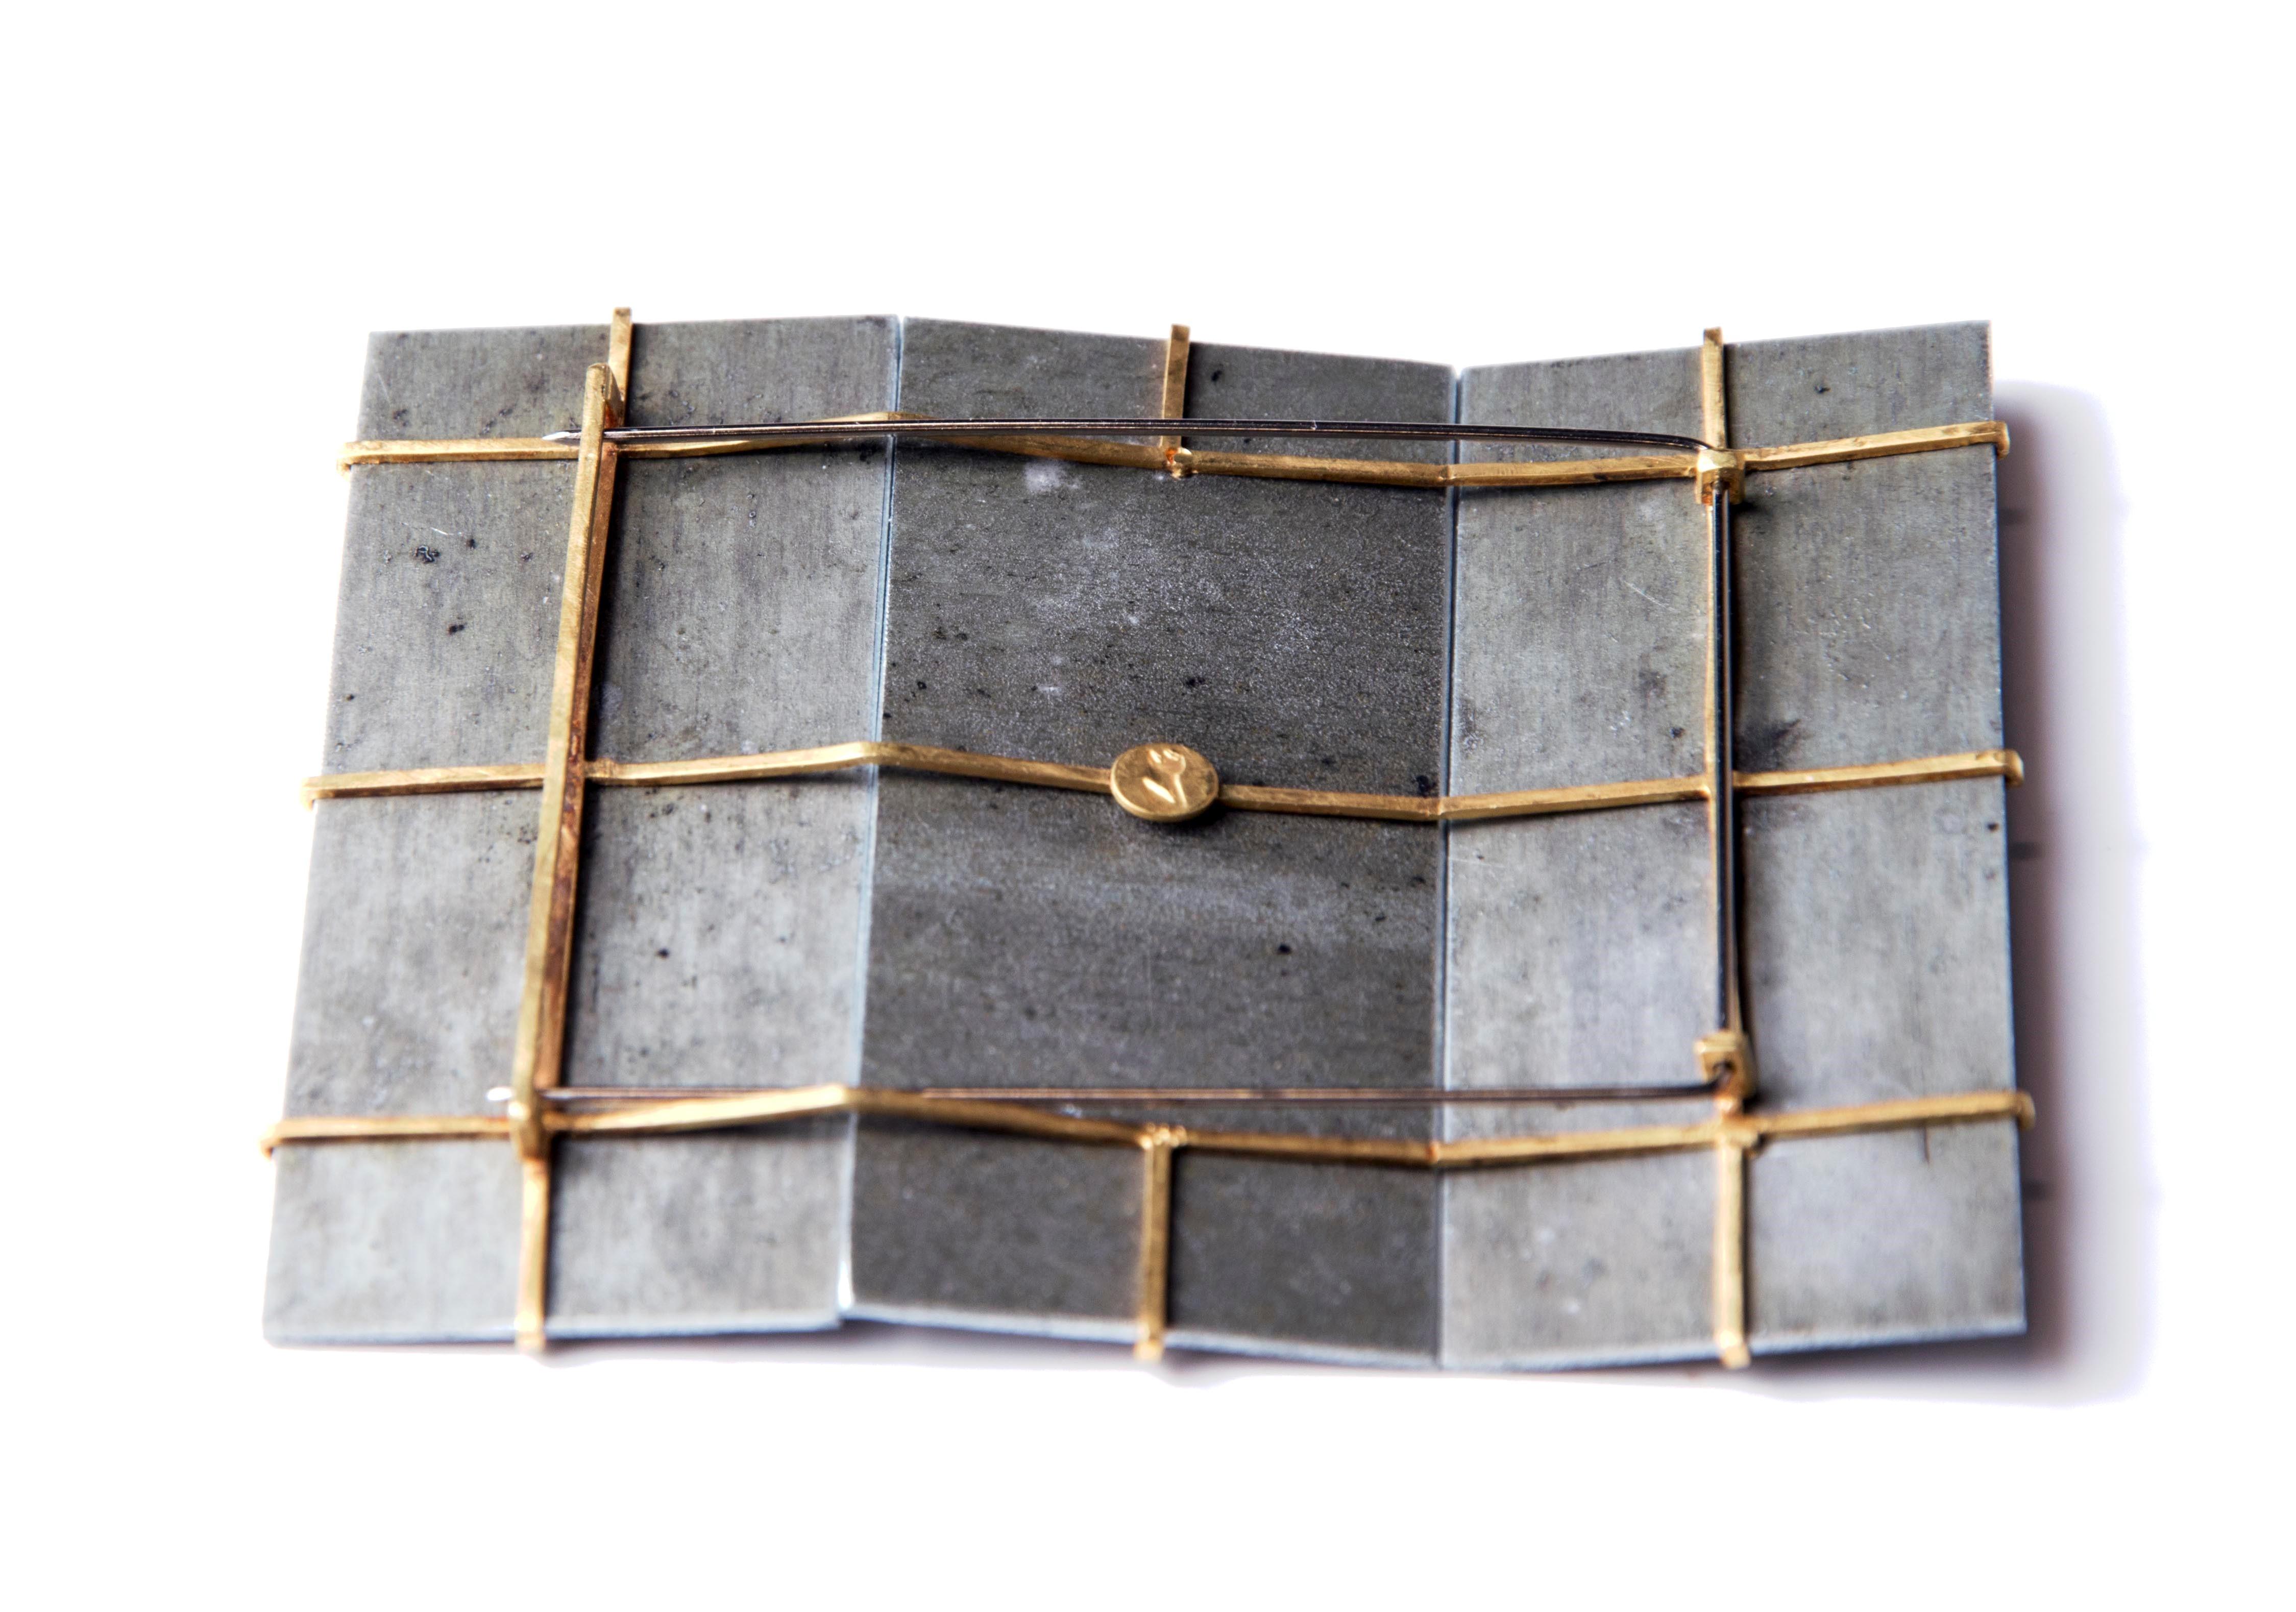 Bettina Speckner, broche, 2005, achterzijde. Collectie CODA, C004821, metaal, goud